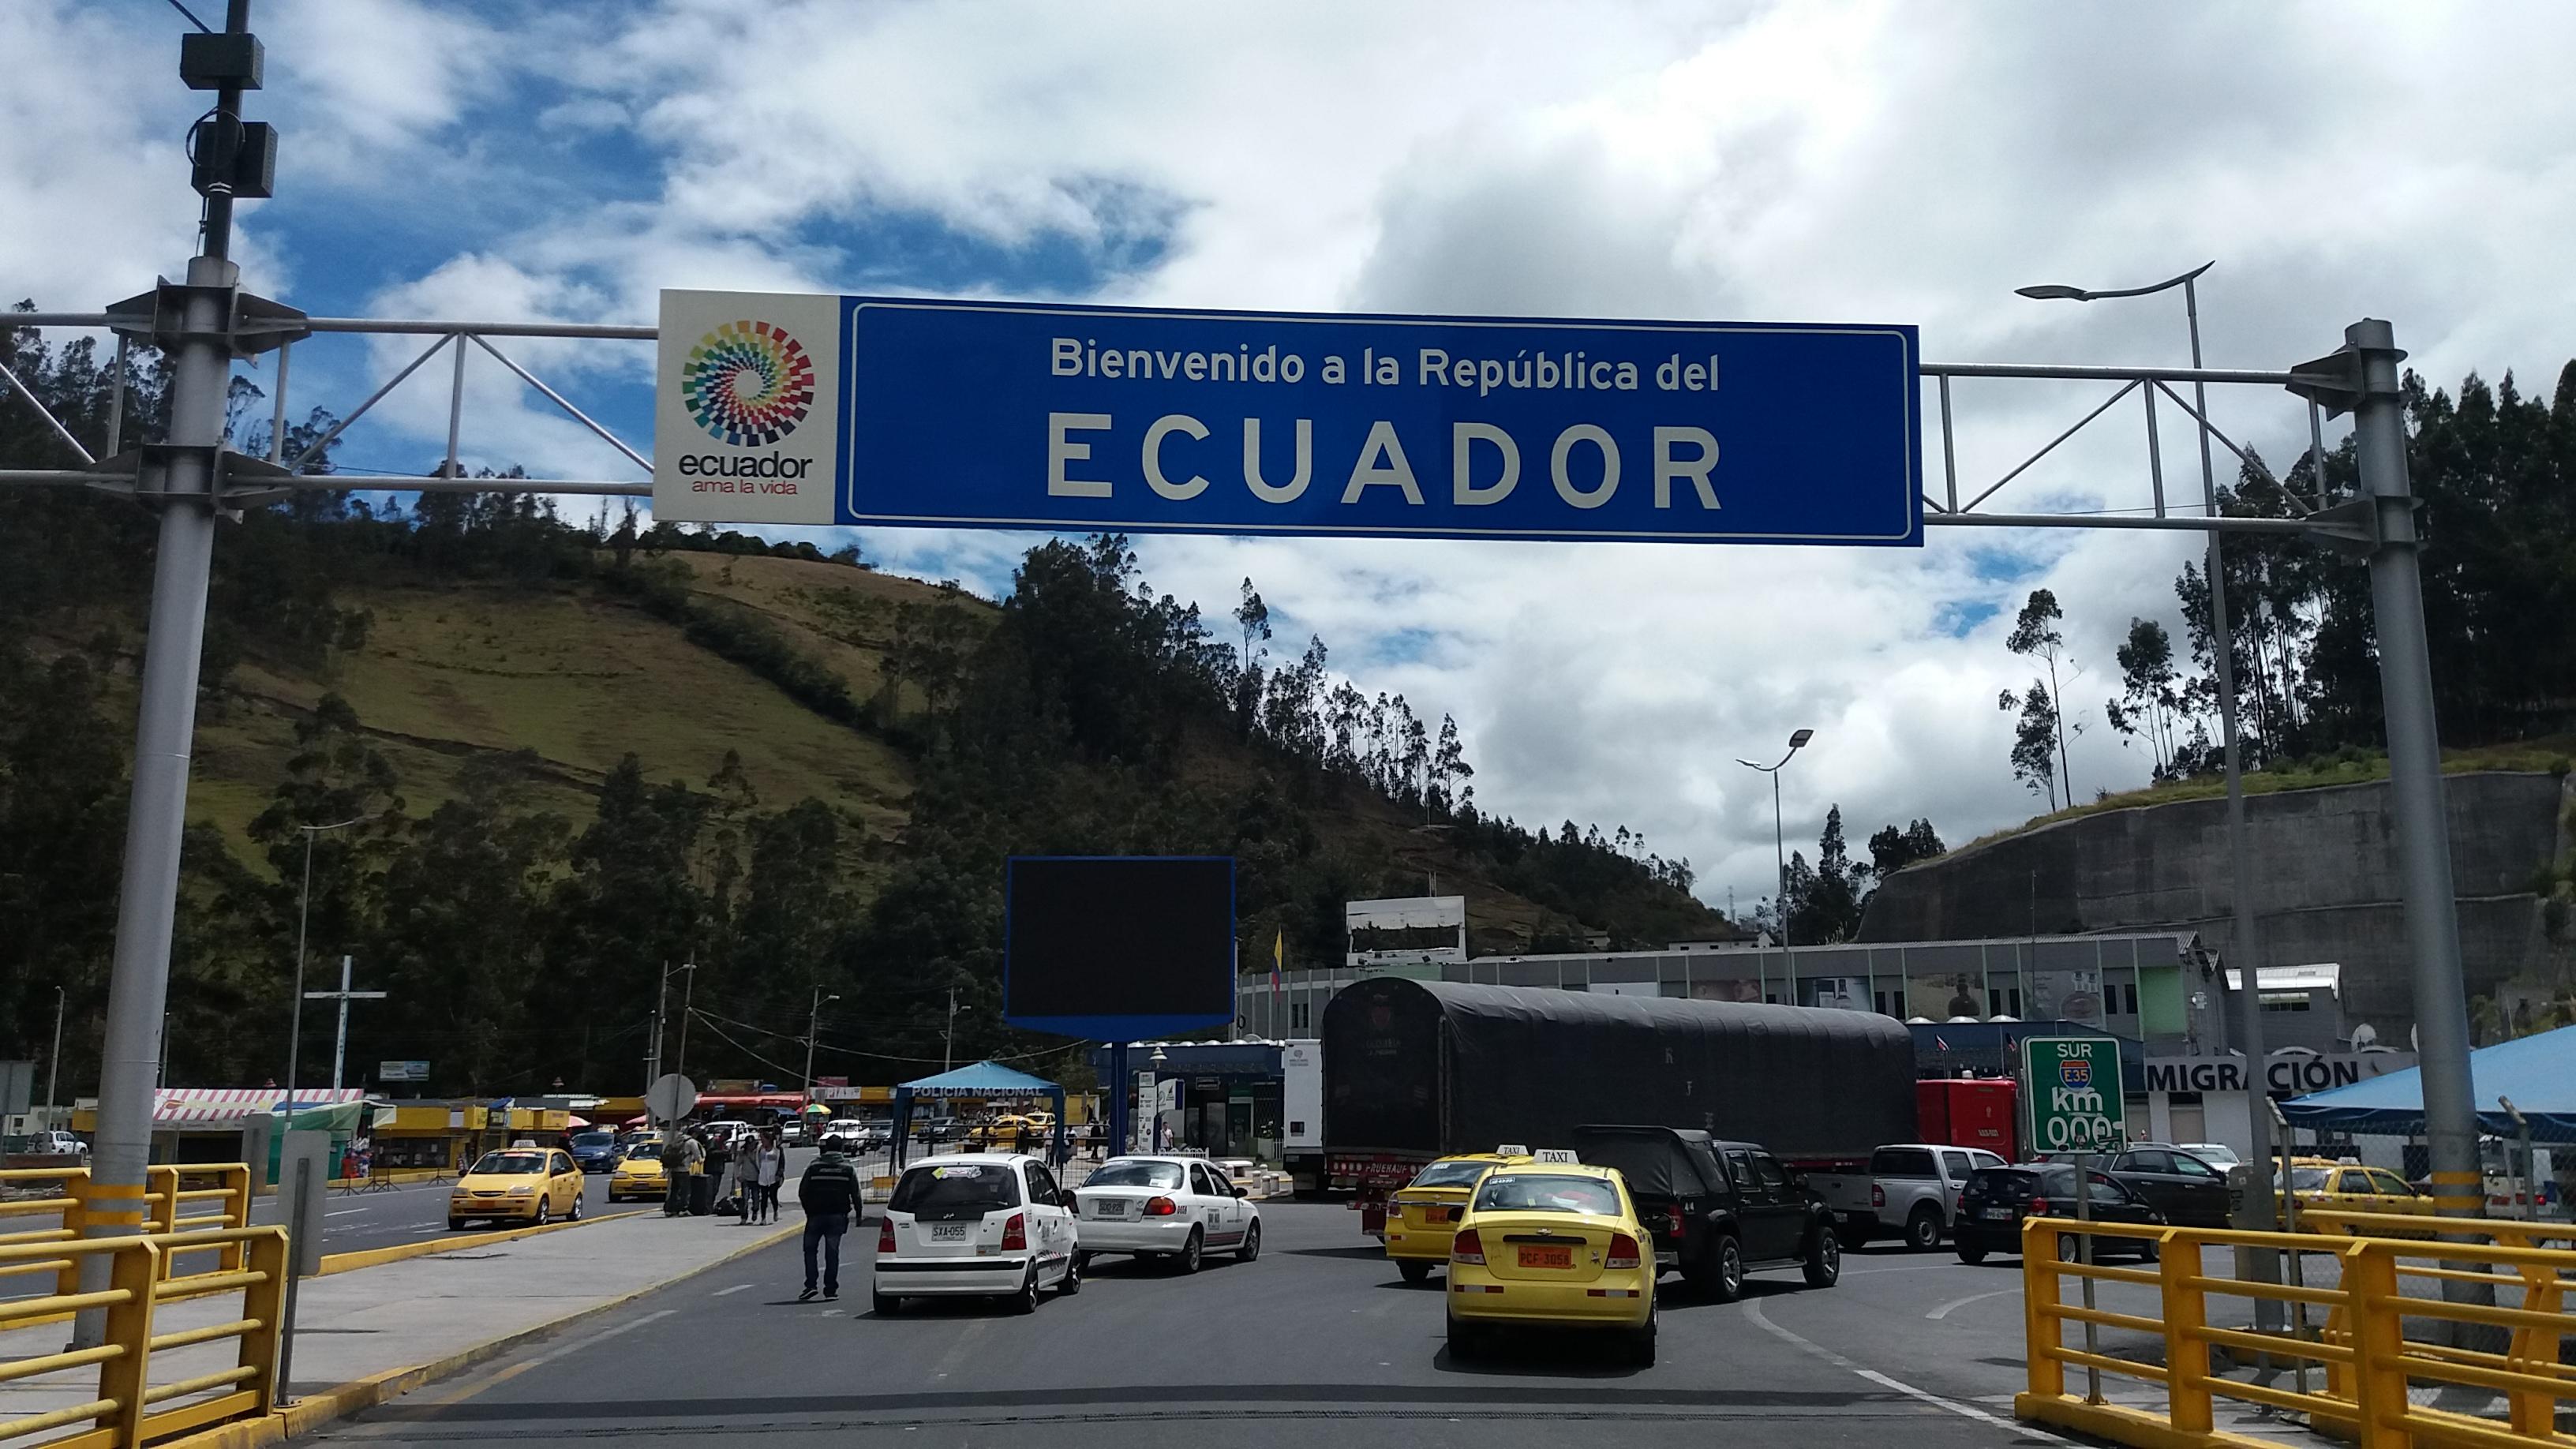 Quito – ECUADOR (6 Sept 2017)